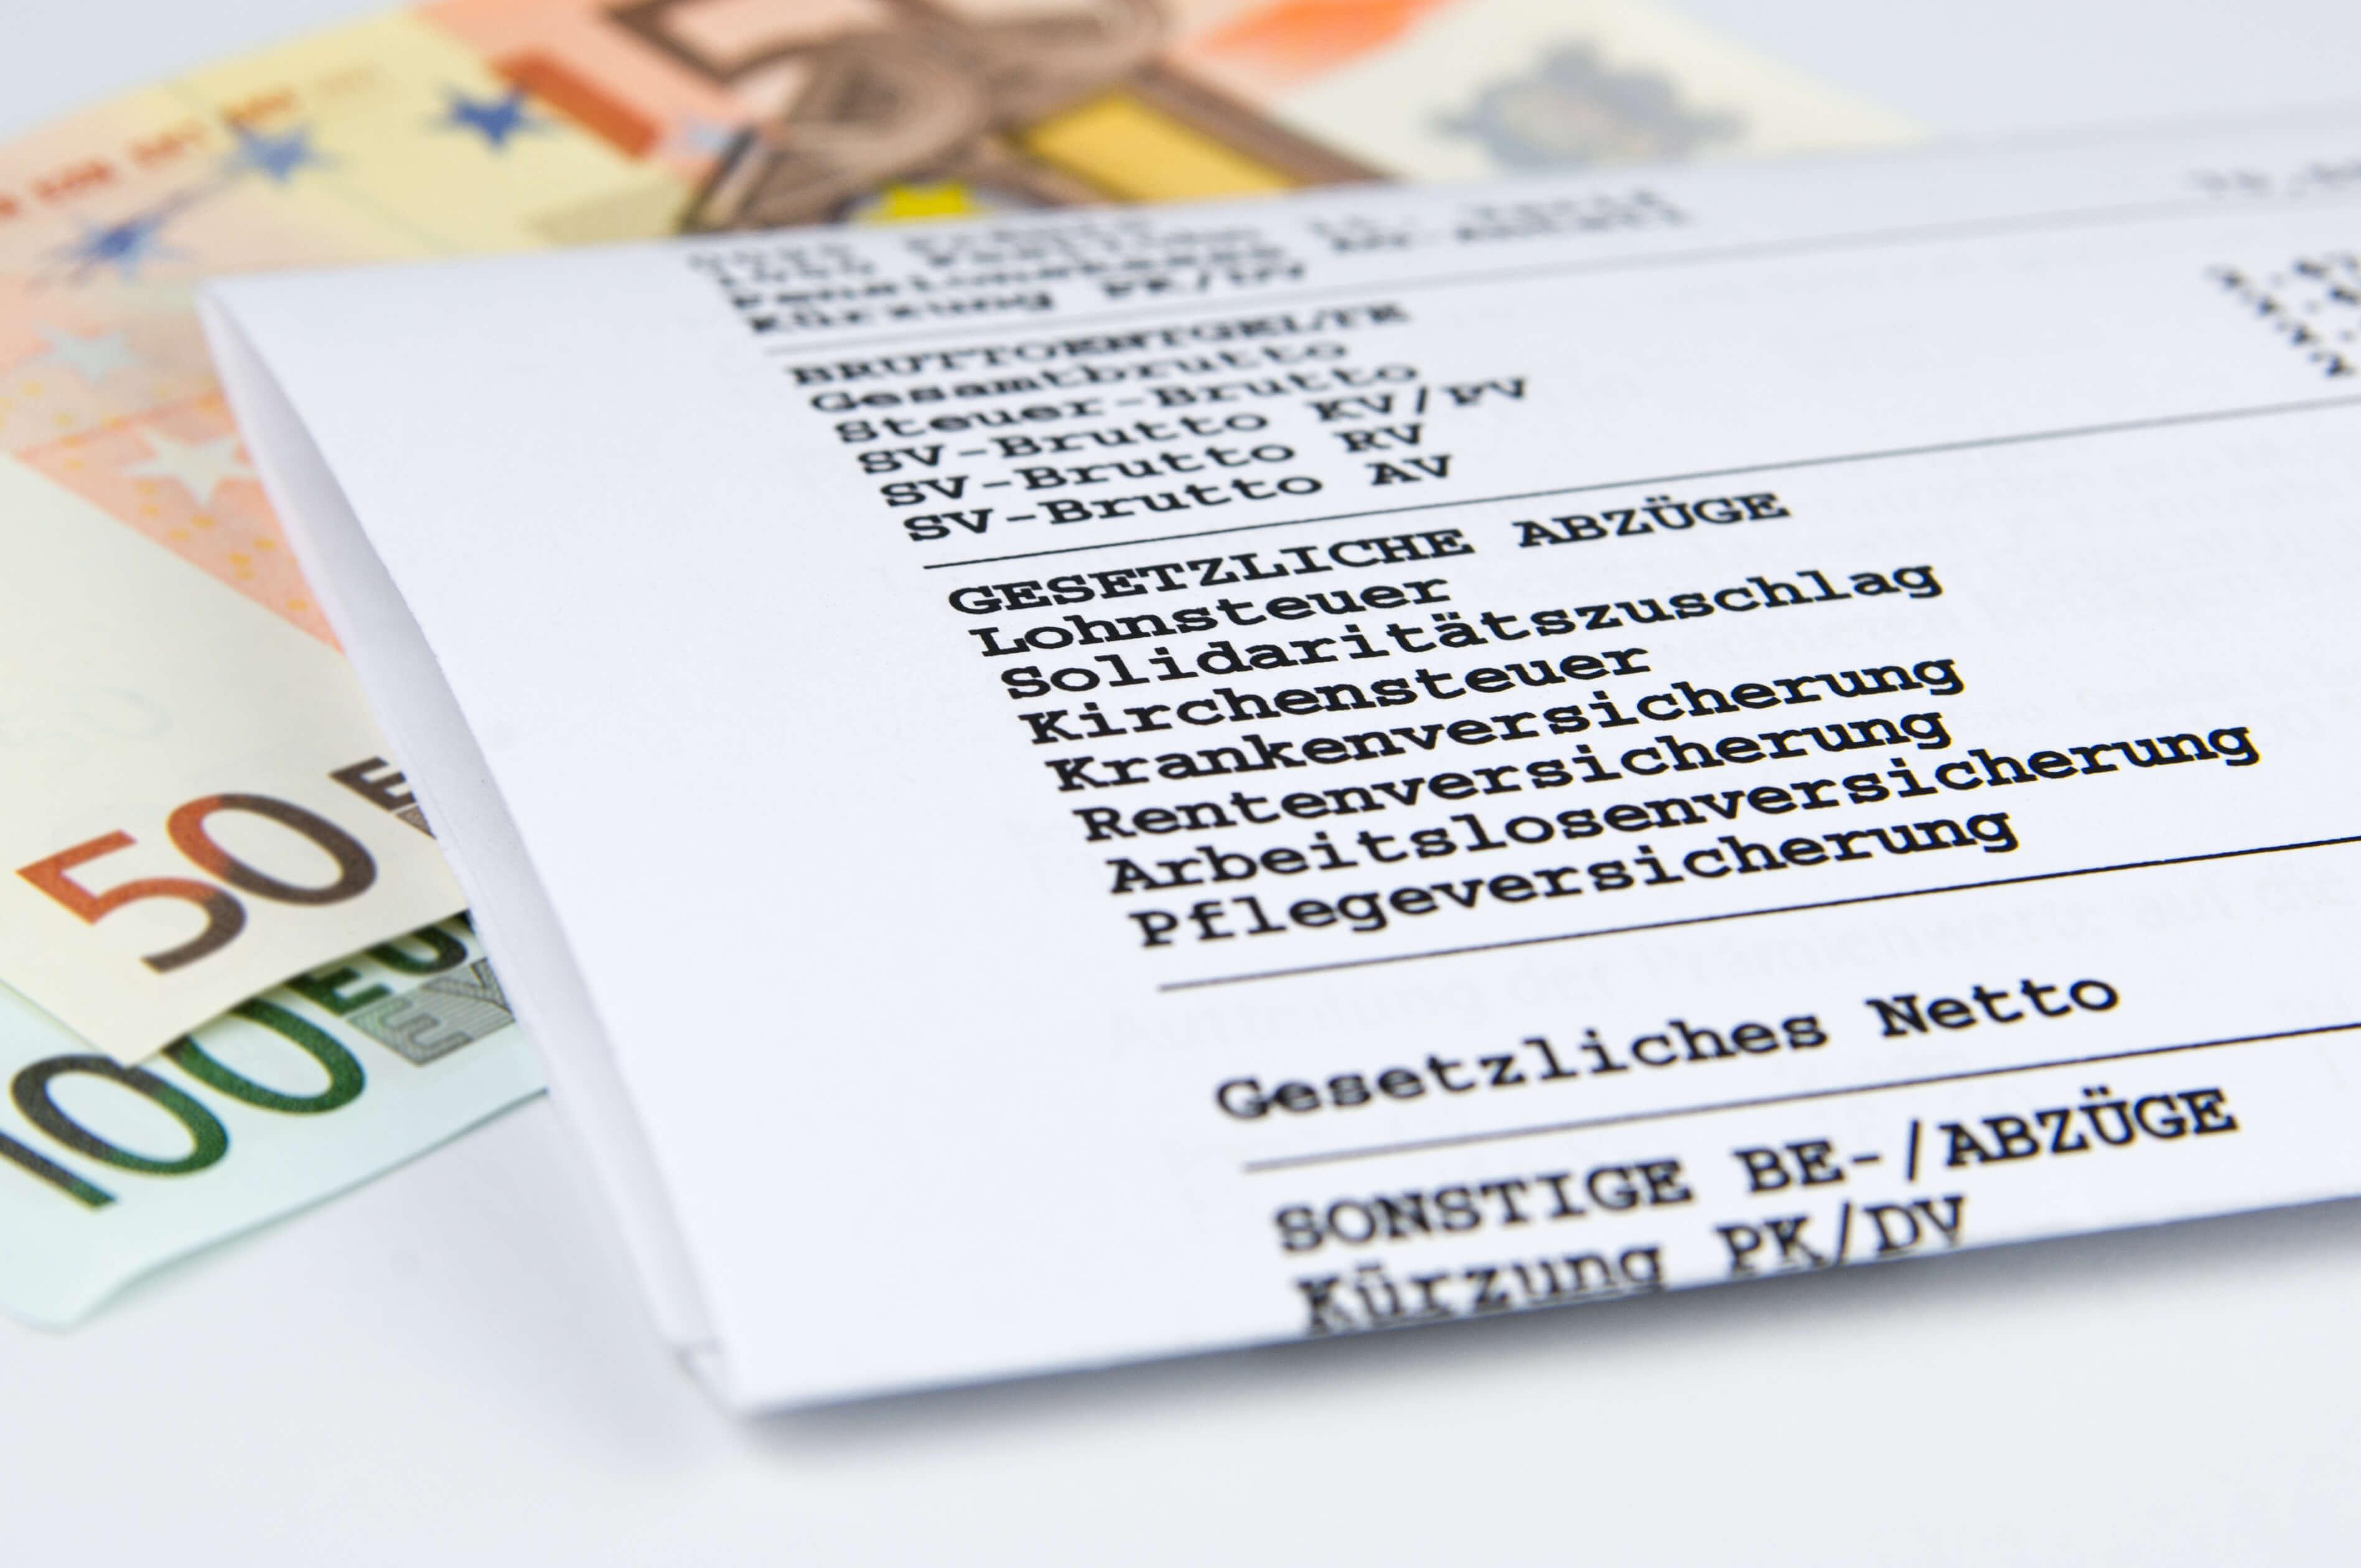 Funktionen der Online Lohnabrechnung mit lexoffice: Dokumente für Arbeitgeber und Mitarbeiter